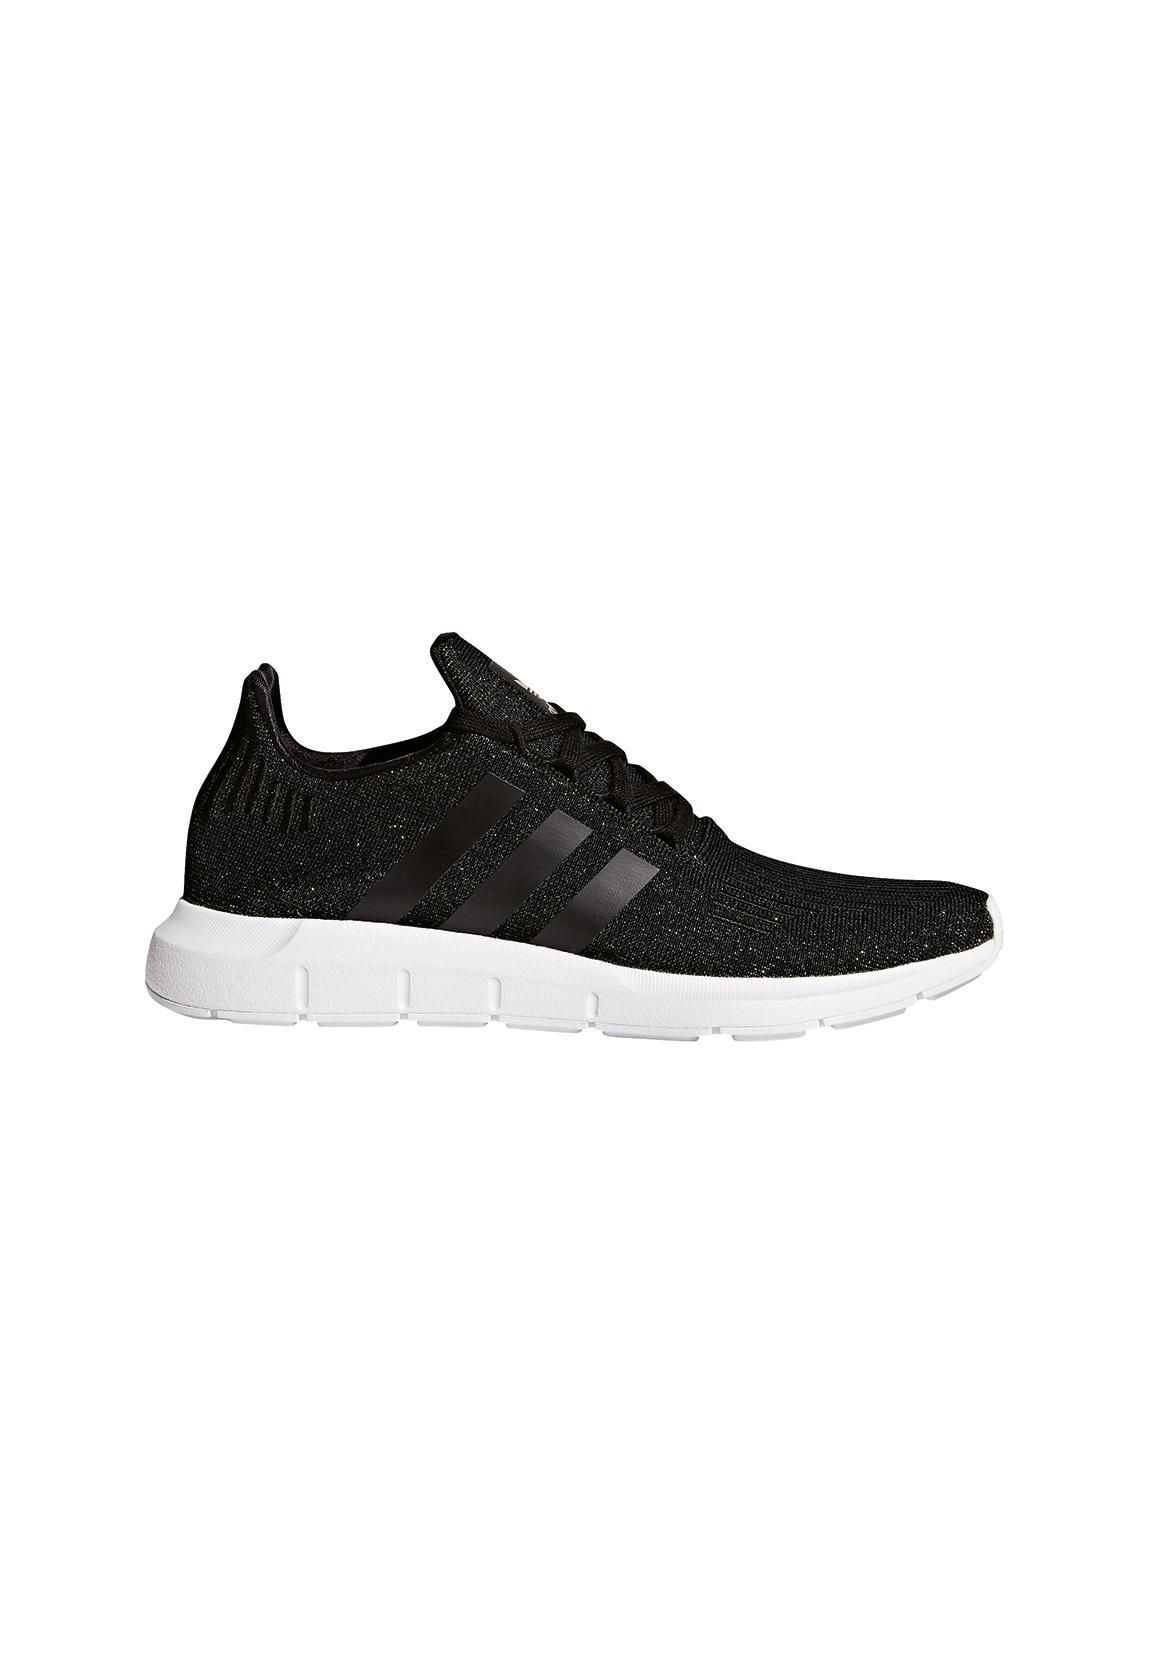 Einzigartig Adidas Sneaker Damen SWIFT RUN W CQ2018 Schwarz Schuhe Damen  YG65 139c61d518